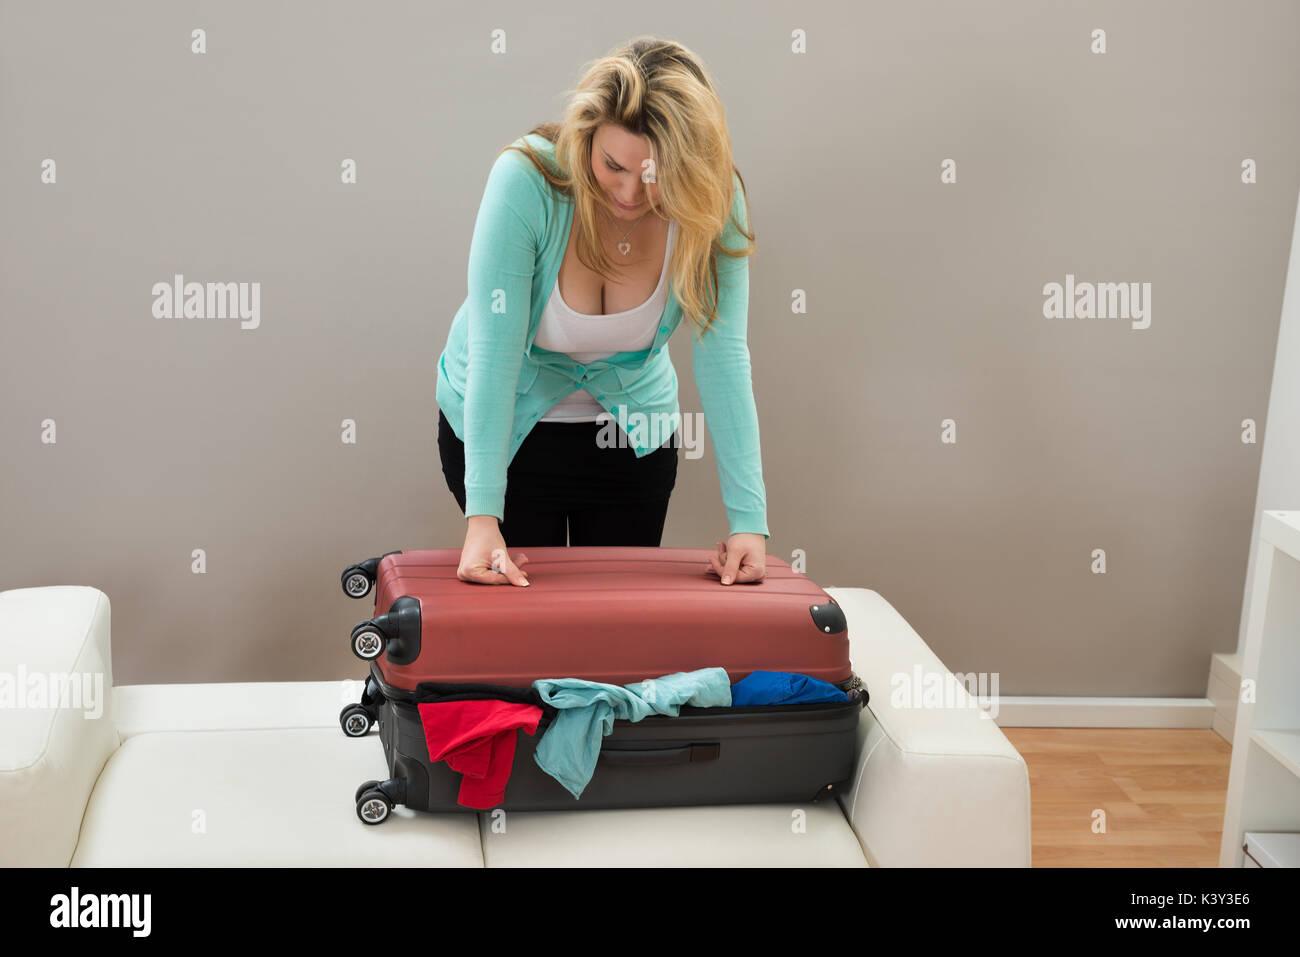 Femme essayant de fermer la valise remplie dans la chambre Photo Stock